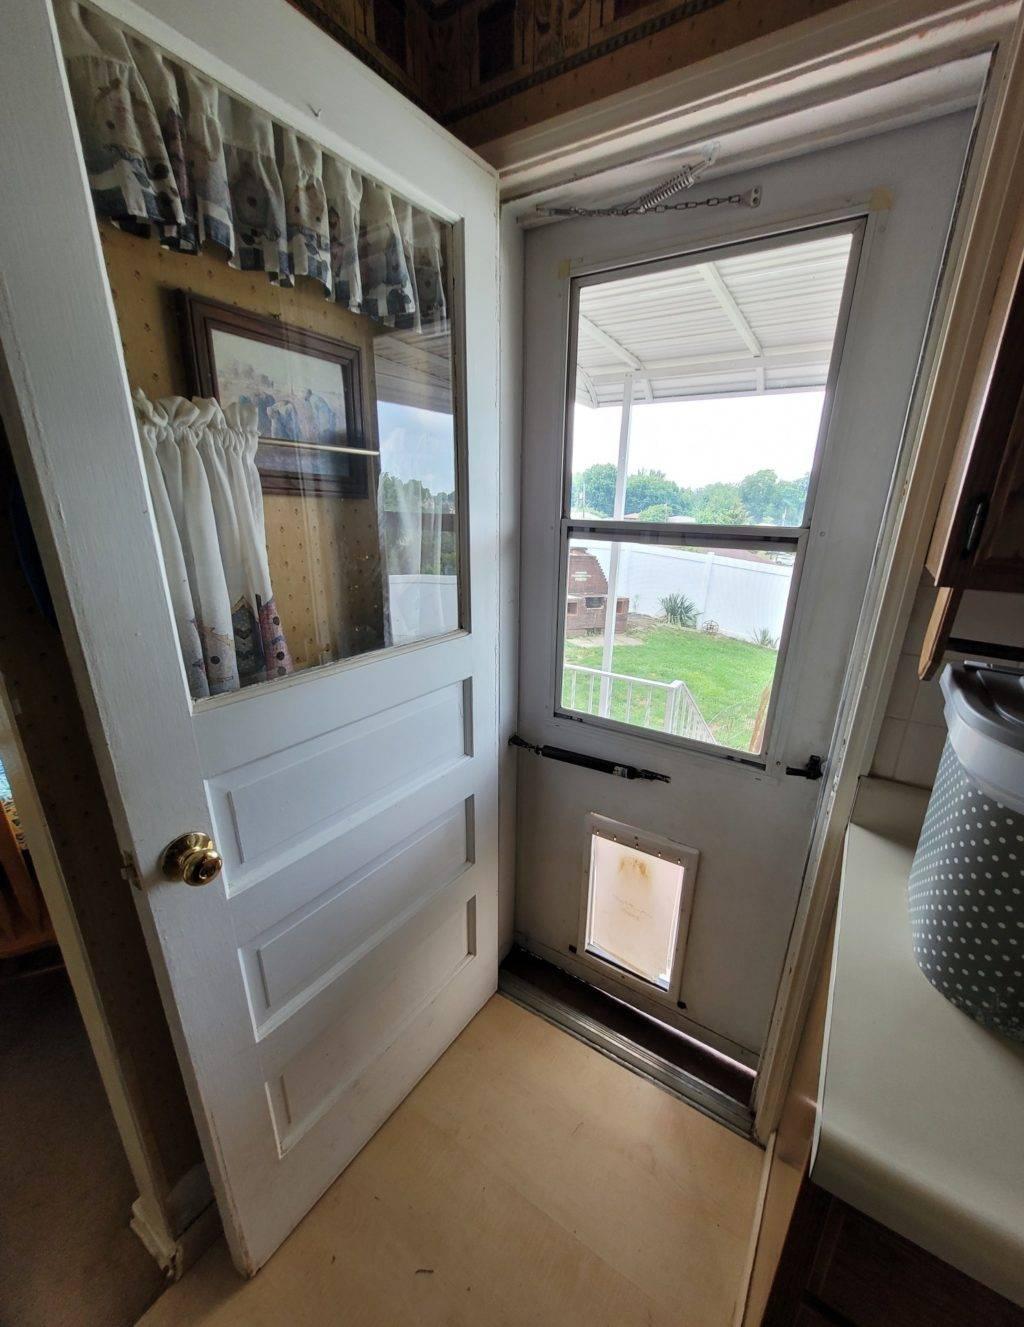 interior door opening to exterior storm door